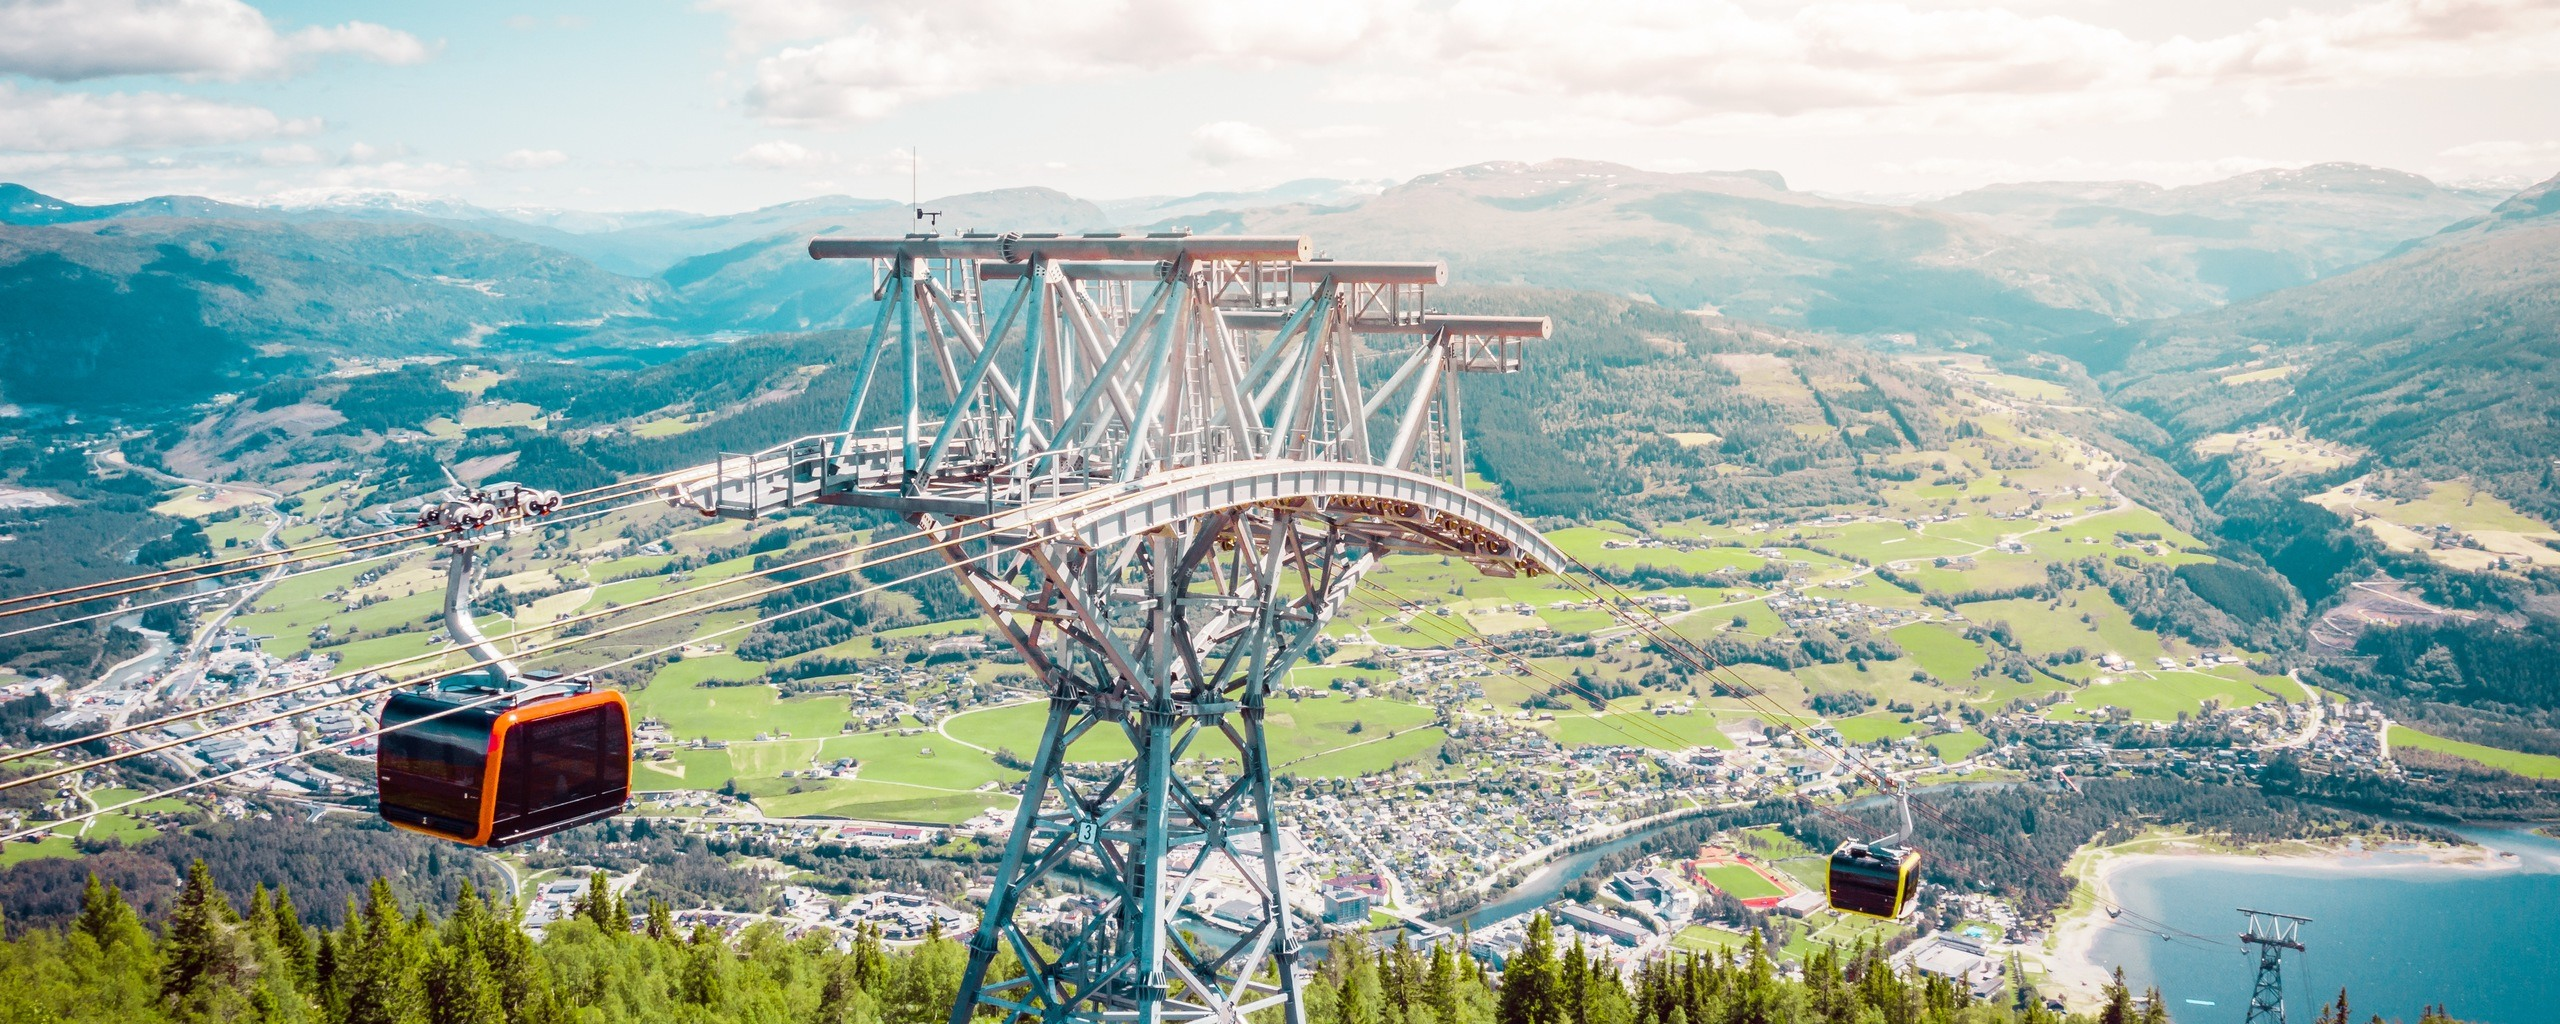 Voss Gondol frakter deg enkelt til fjells. Undervegs har du nydeleg utsikt over Vossafjell og Vossabygda. Foto: Jon Hunnålvatn Tøn